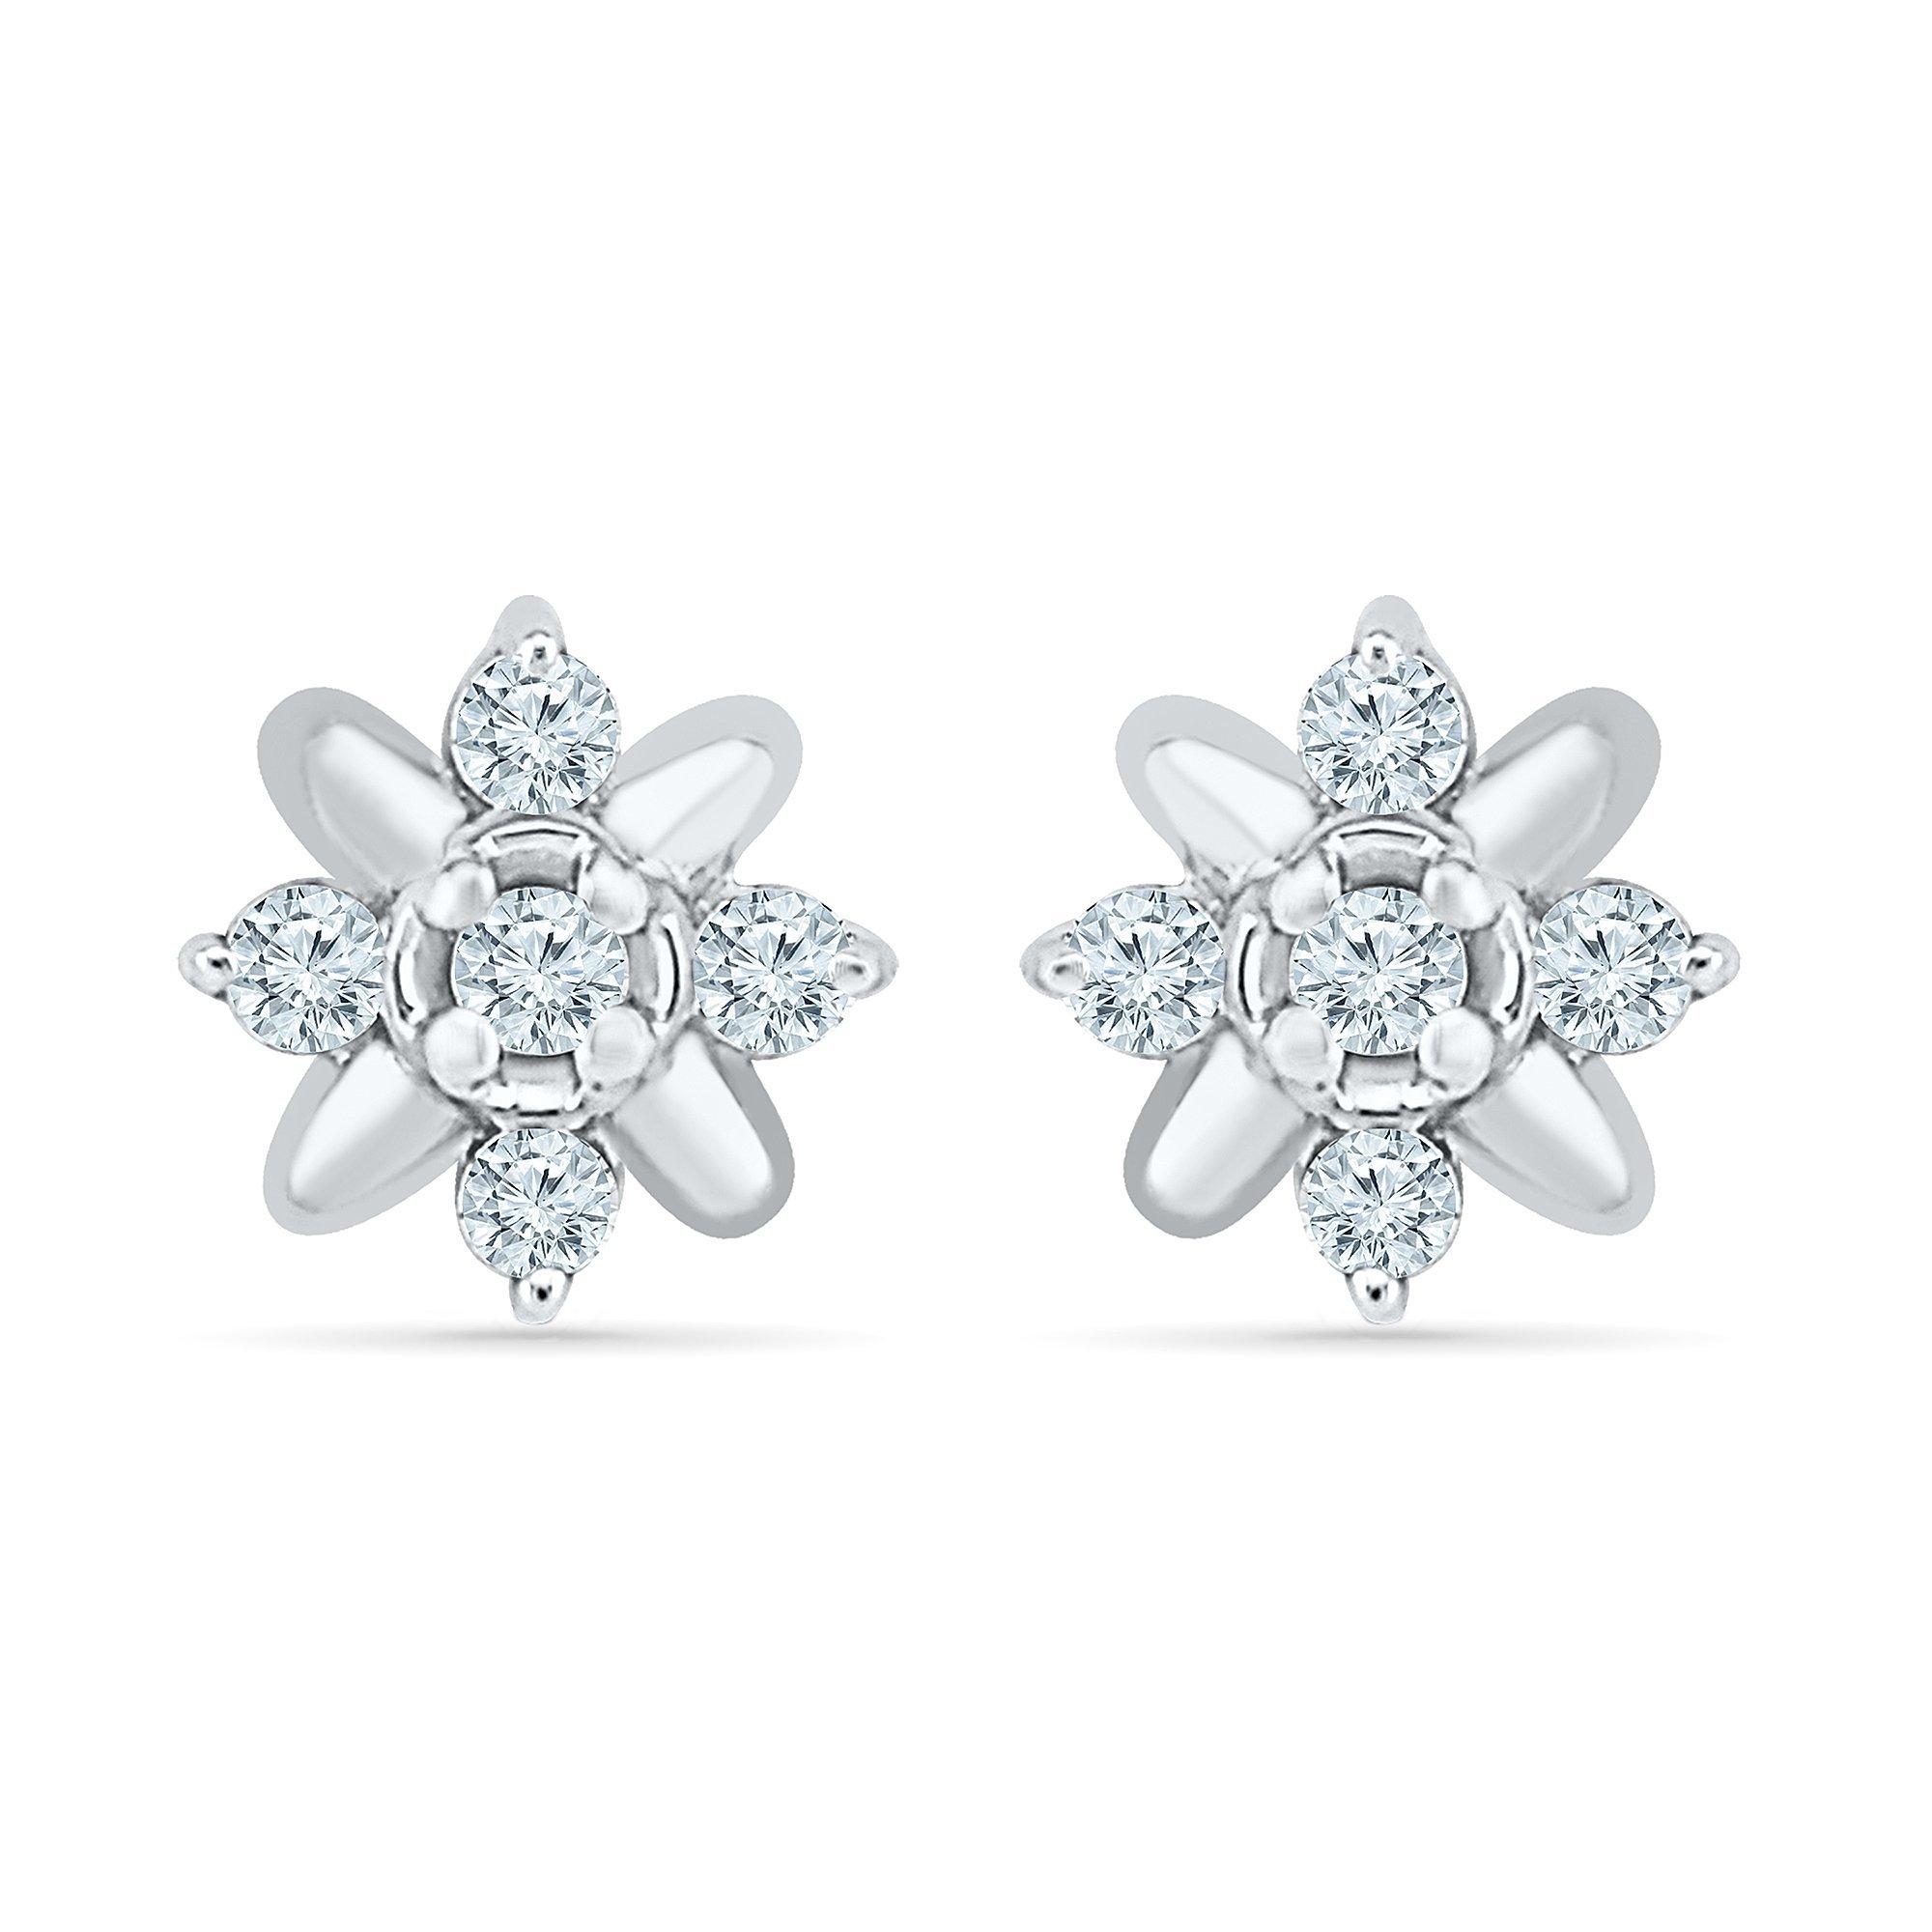 Flower Earrings For Women In 10K White Gold And Diamonds (0.10 CTTW)